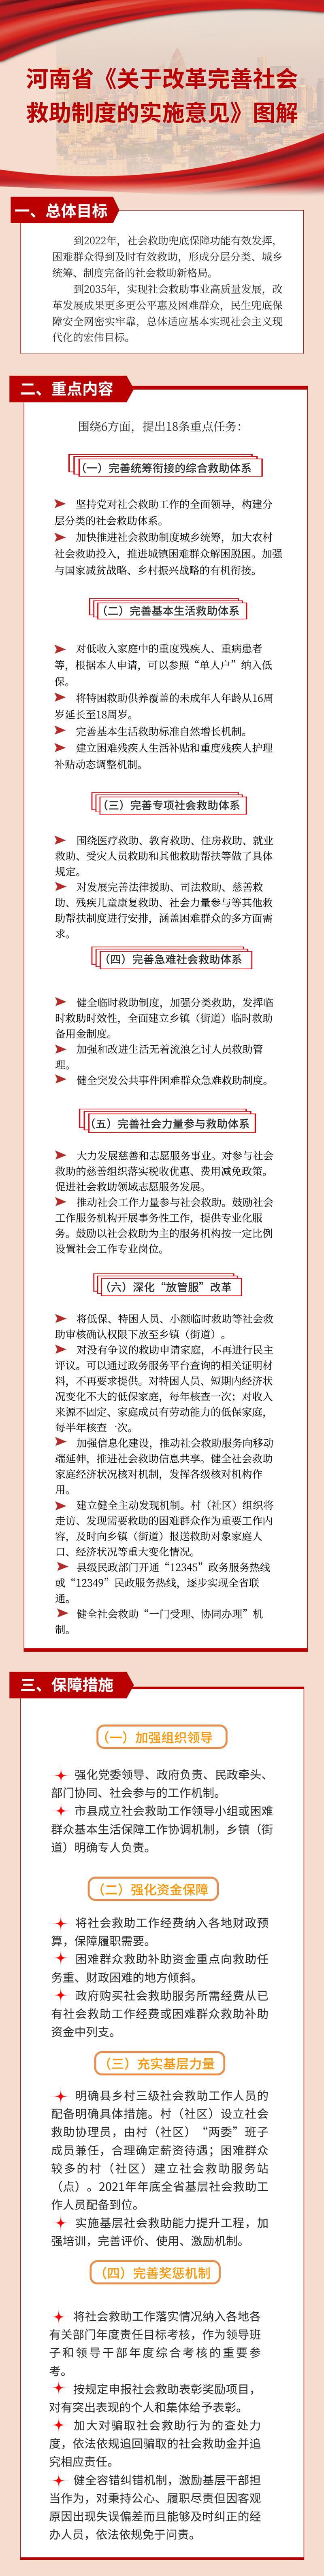 一图读懂河南省《关于改革完善社会救助制度的实施意见》